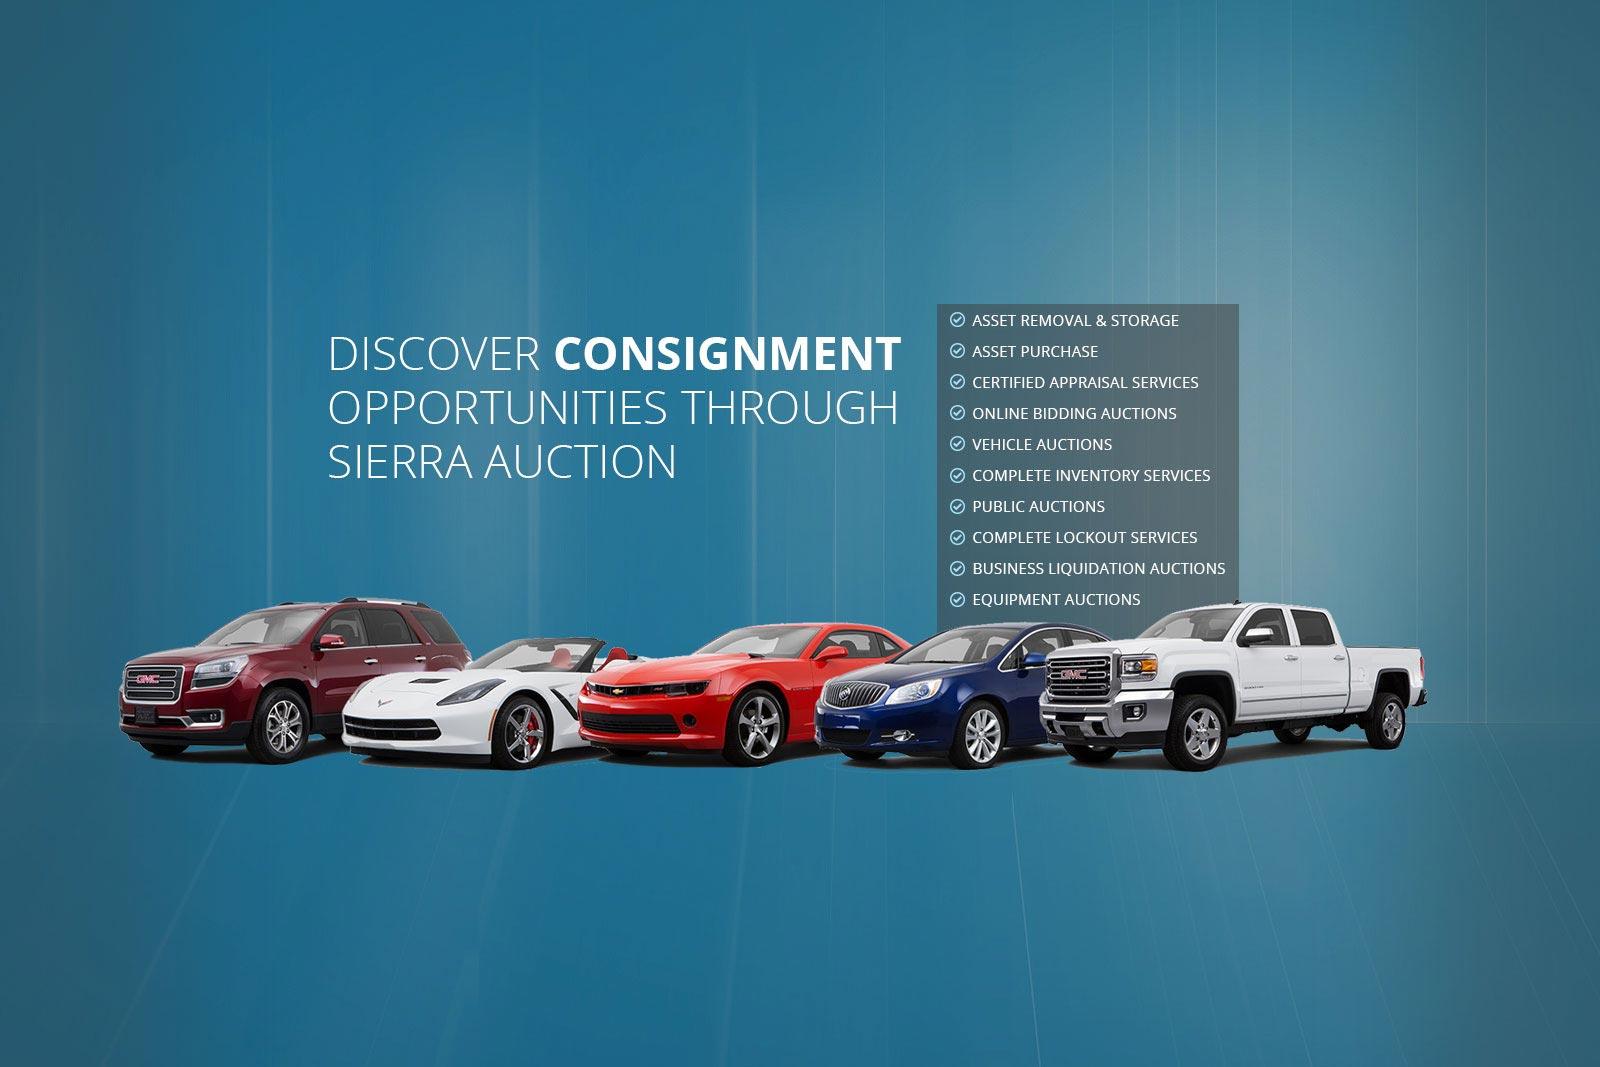 Sierra Auction Arizonas Largest Public Auction